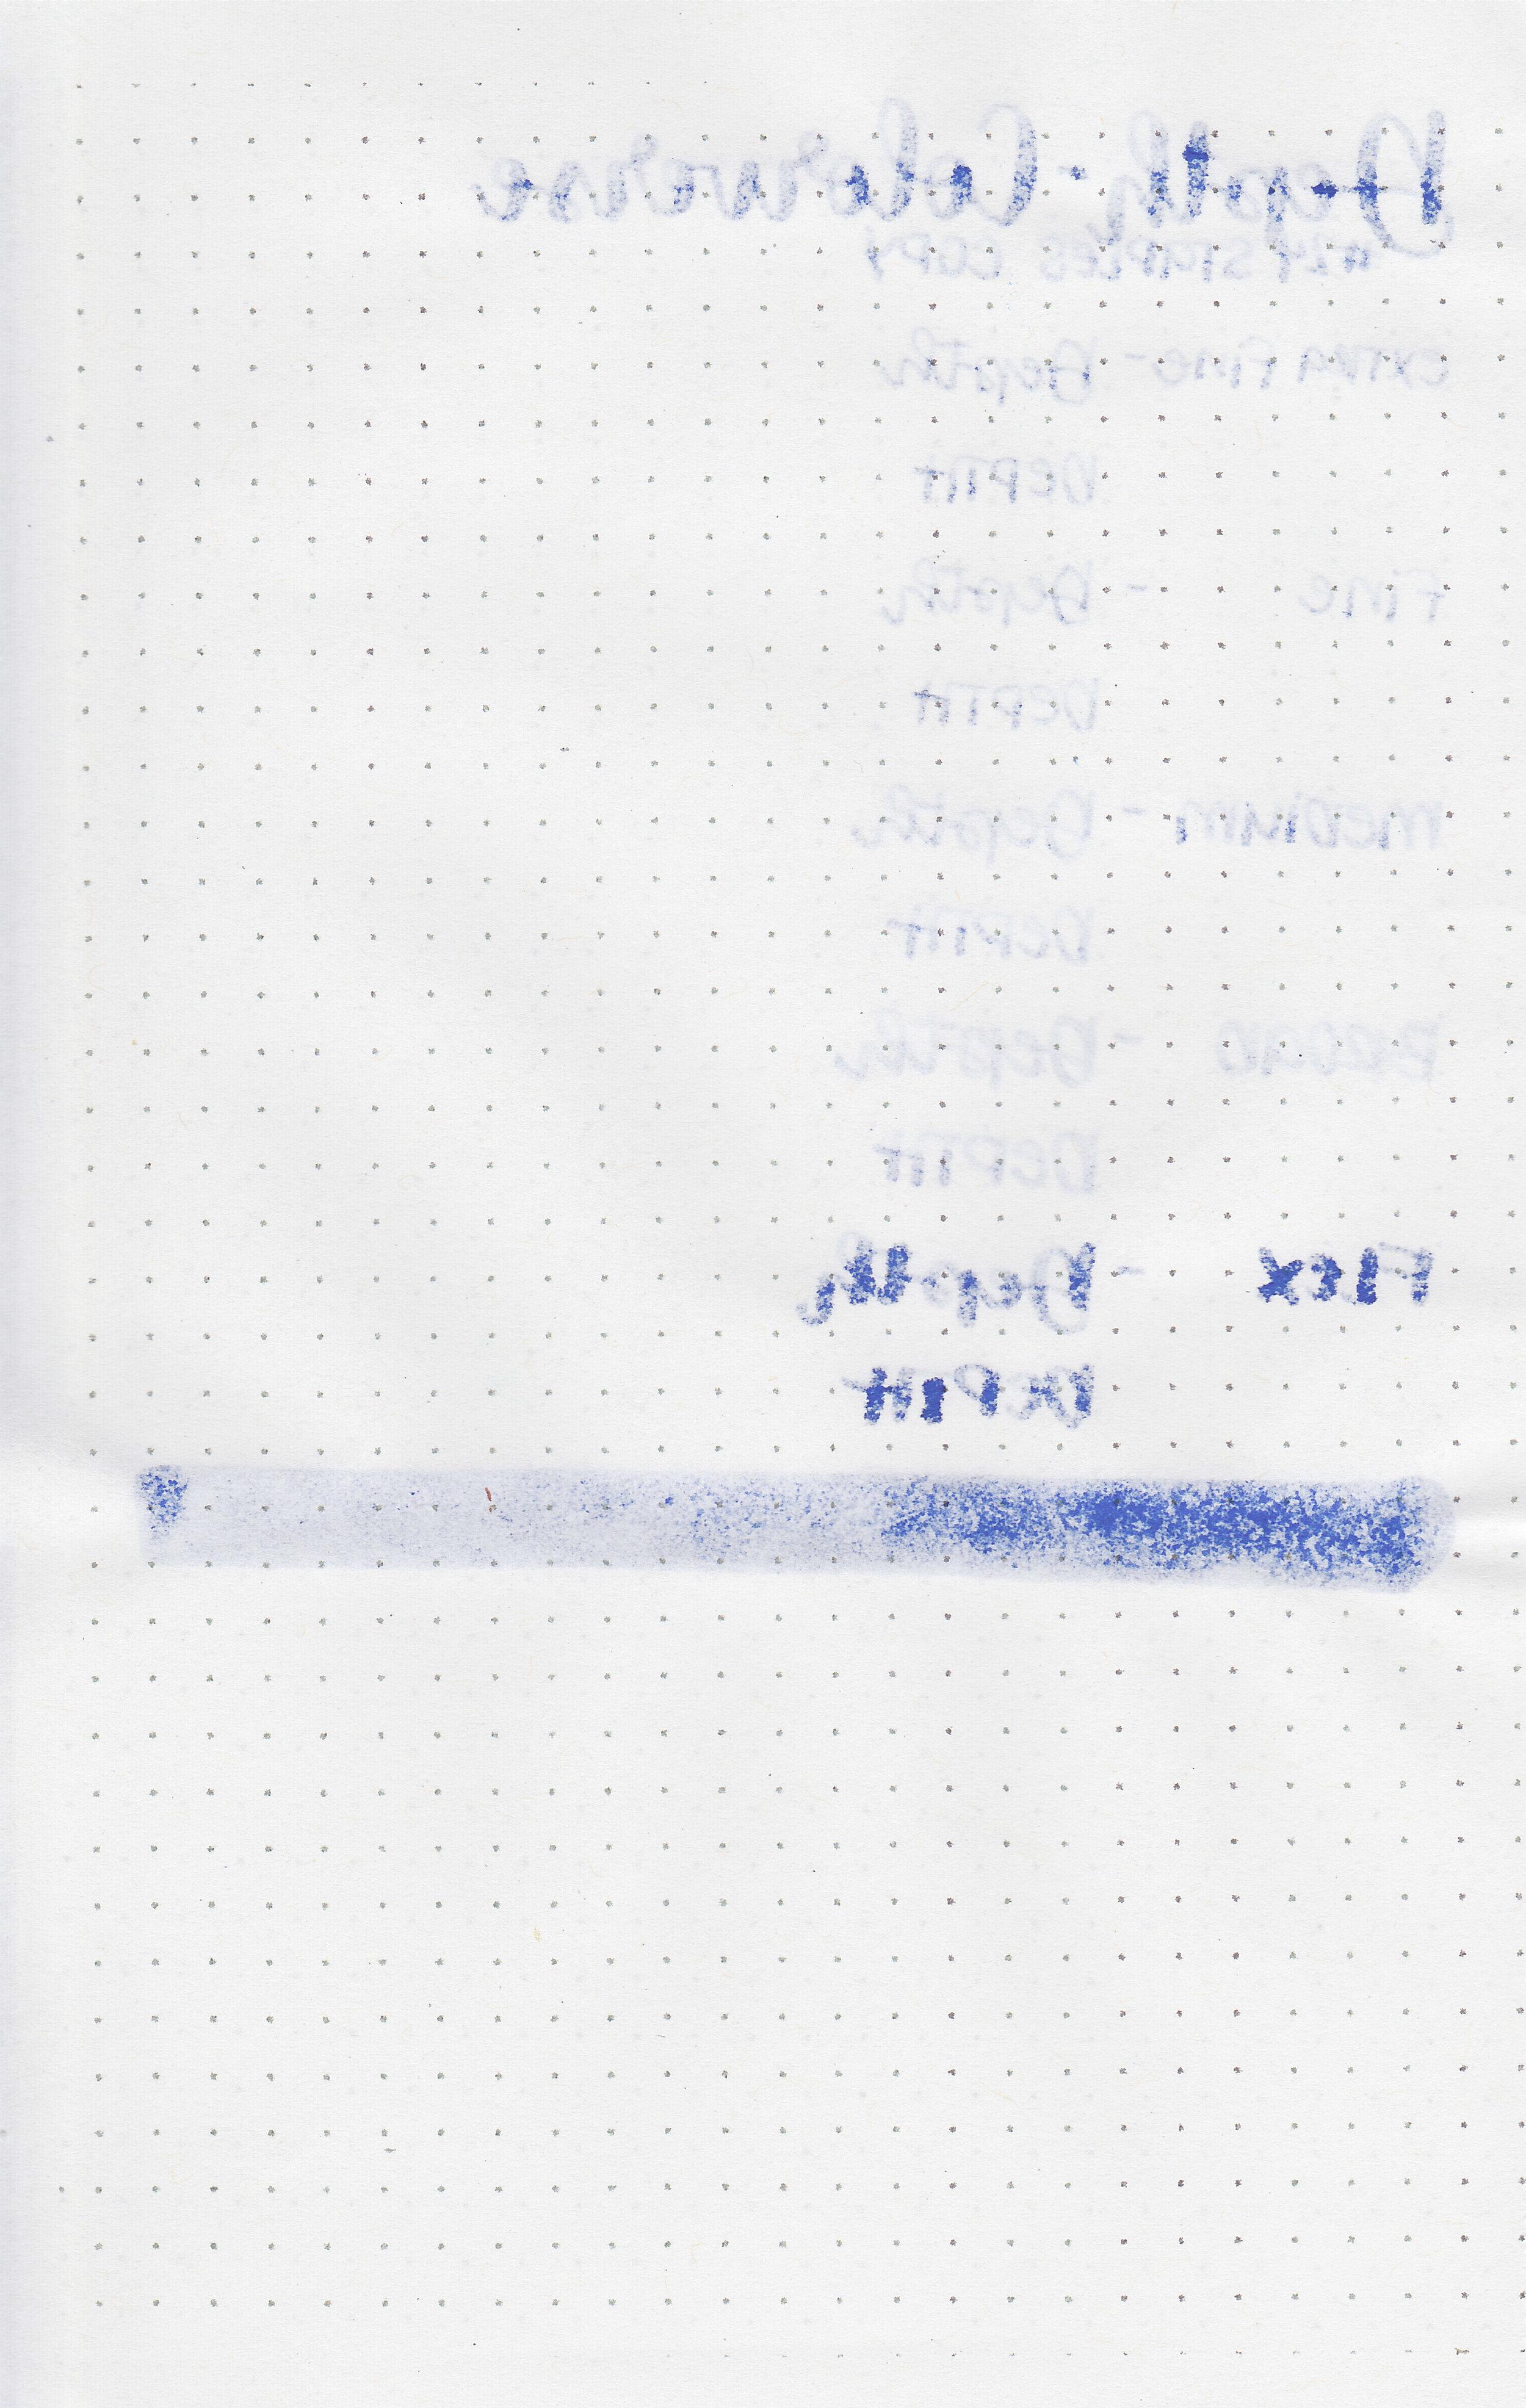 cv-depth-12.jpg